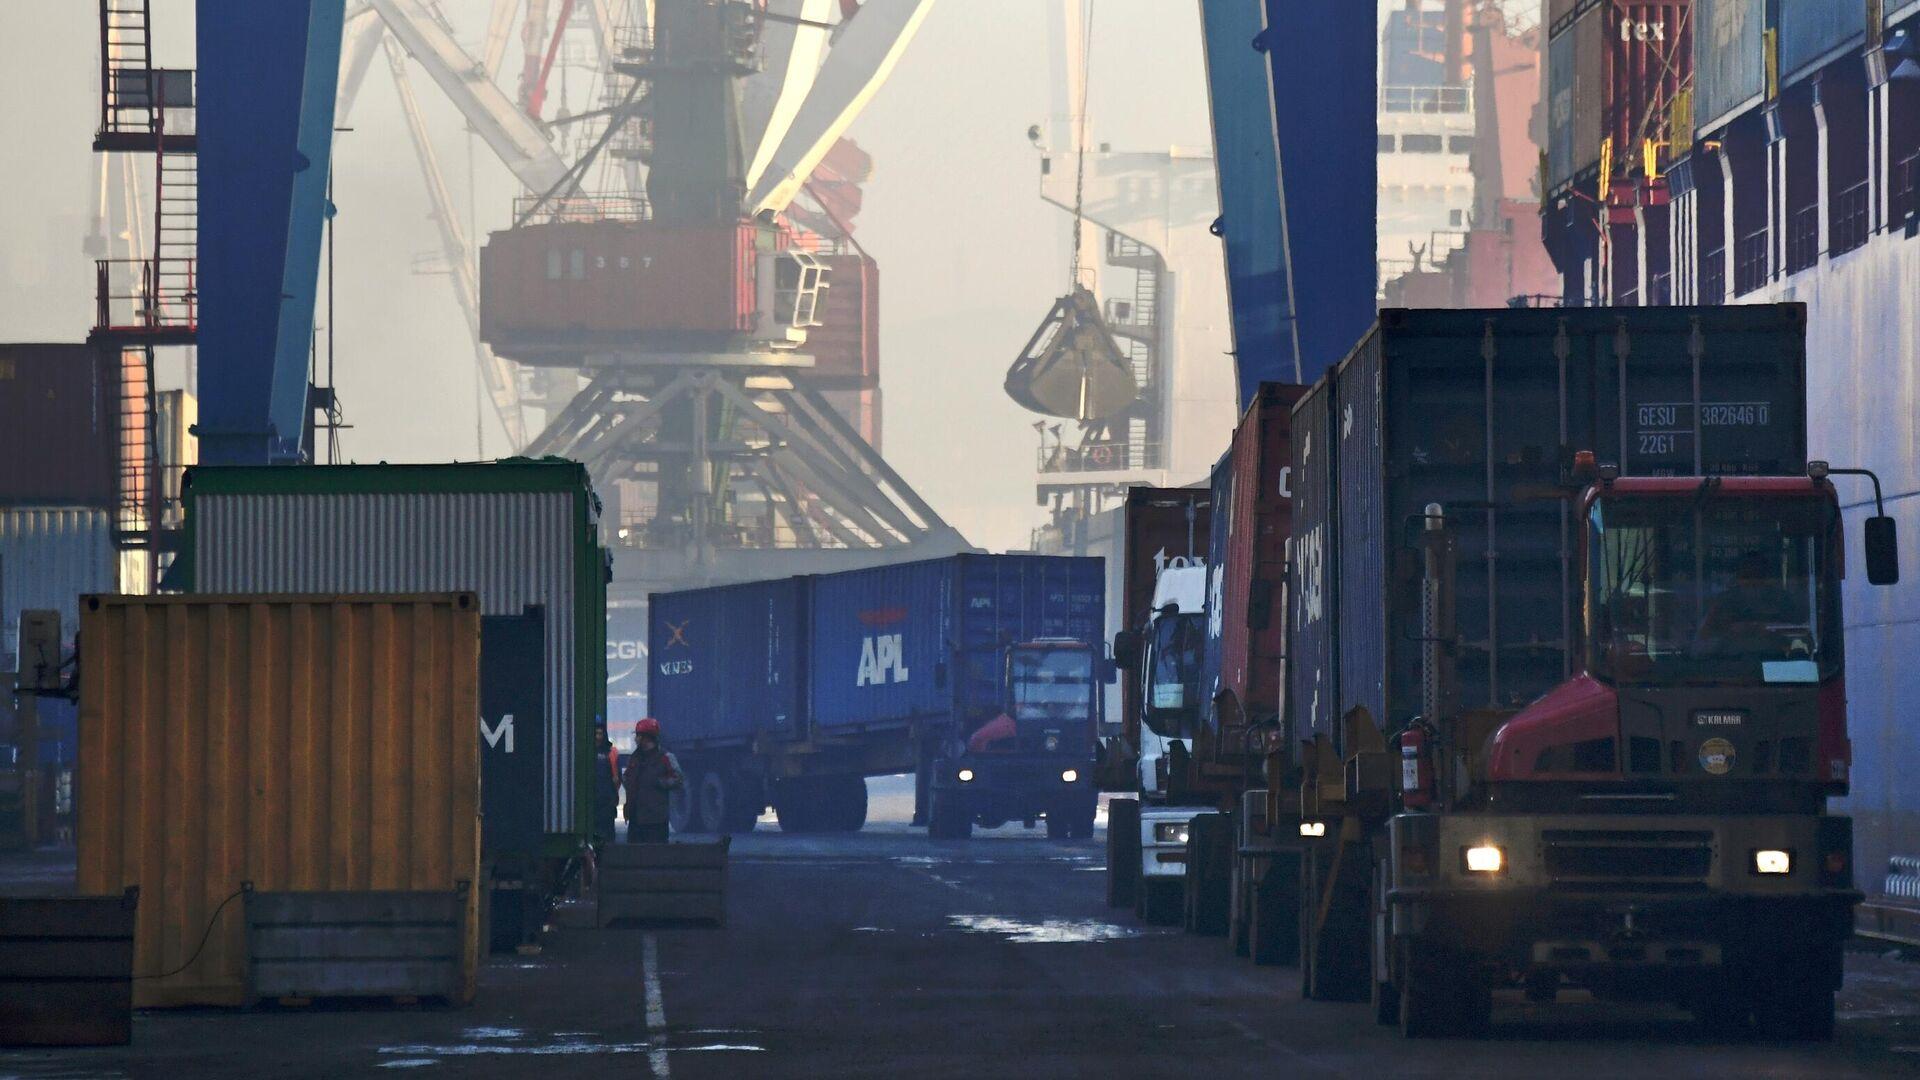 Выгрузка контейнеров с судна в контейнерном терминале Владивостокского морского порта - РИА Новости, 1920, 27.01.2021